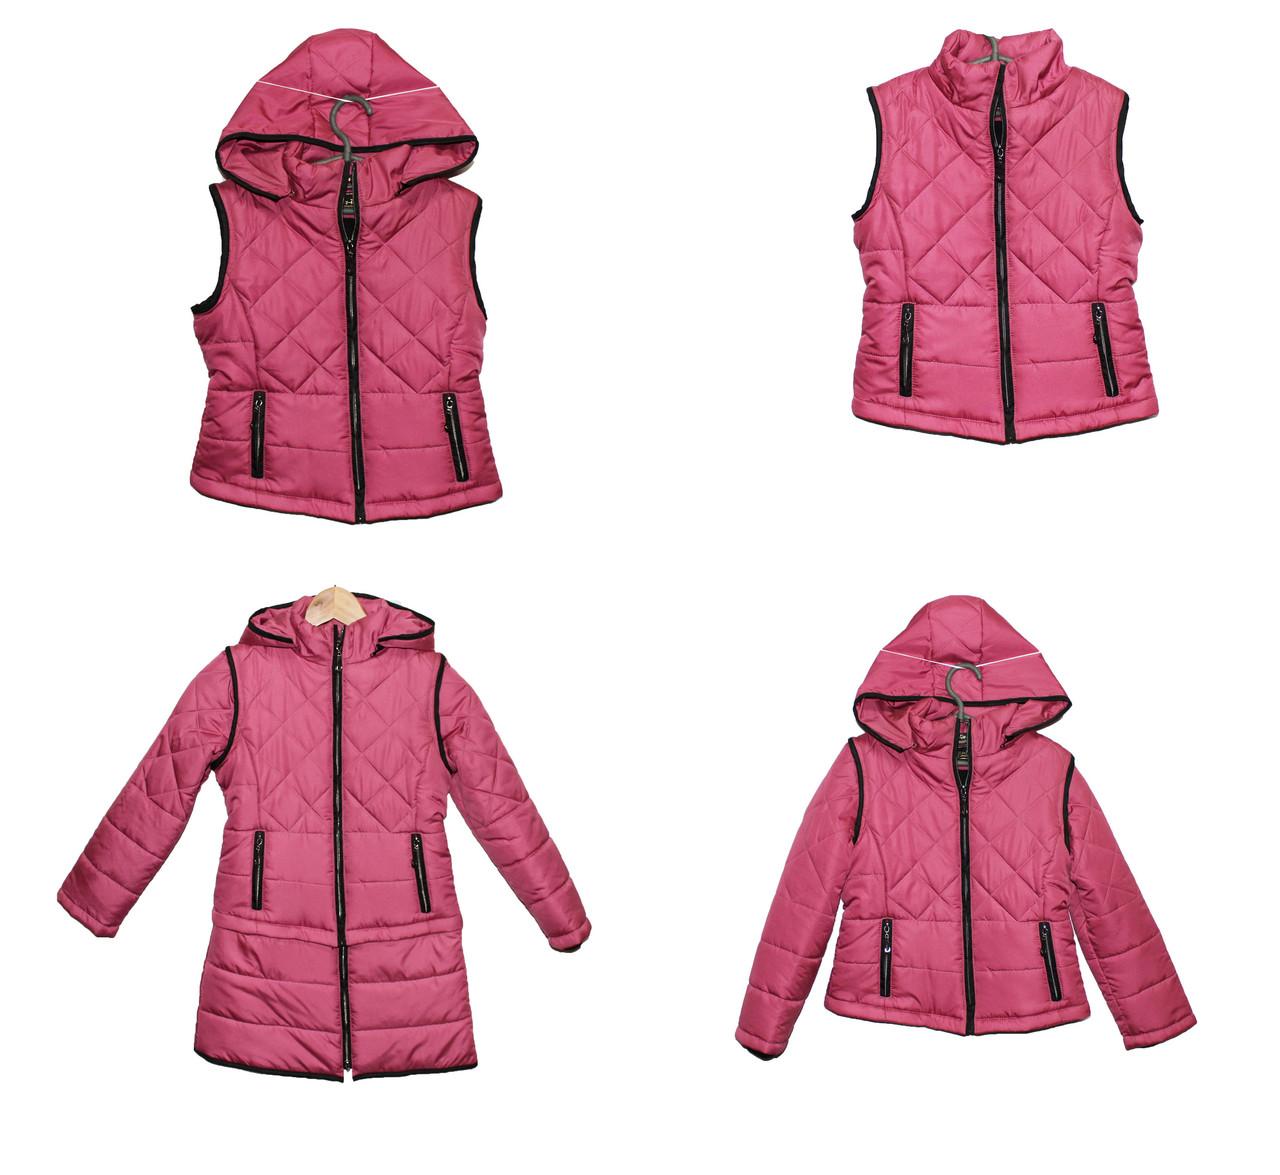 Пальто дитяче трансформер для дівчинки Вероніка